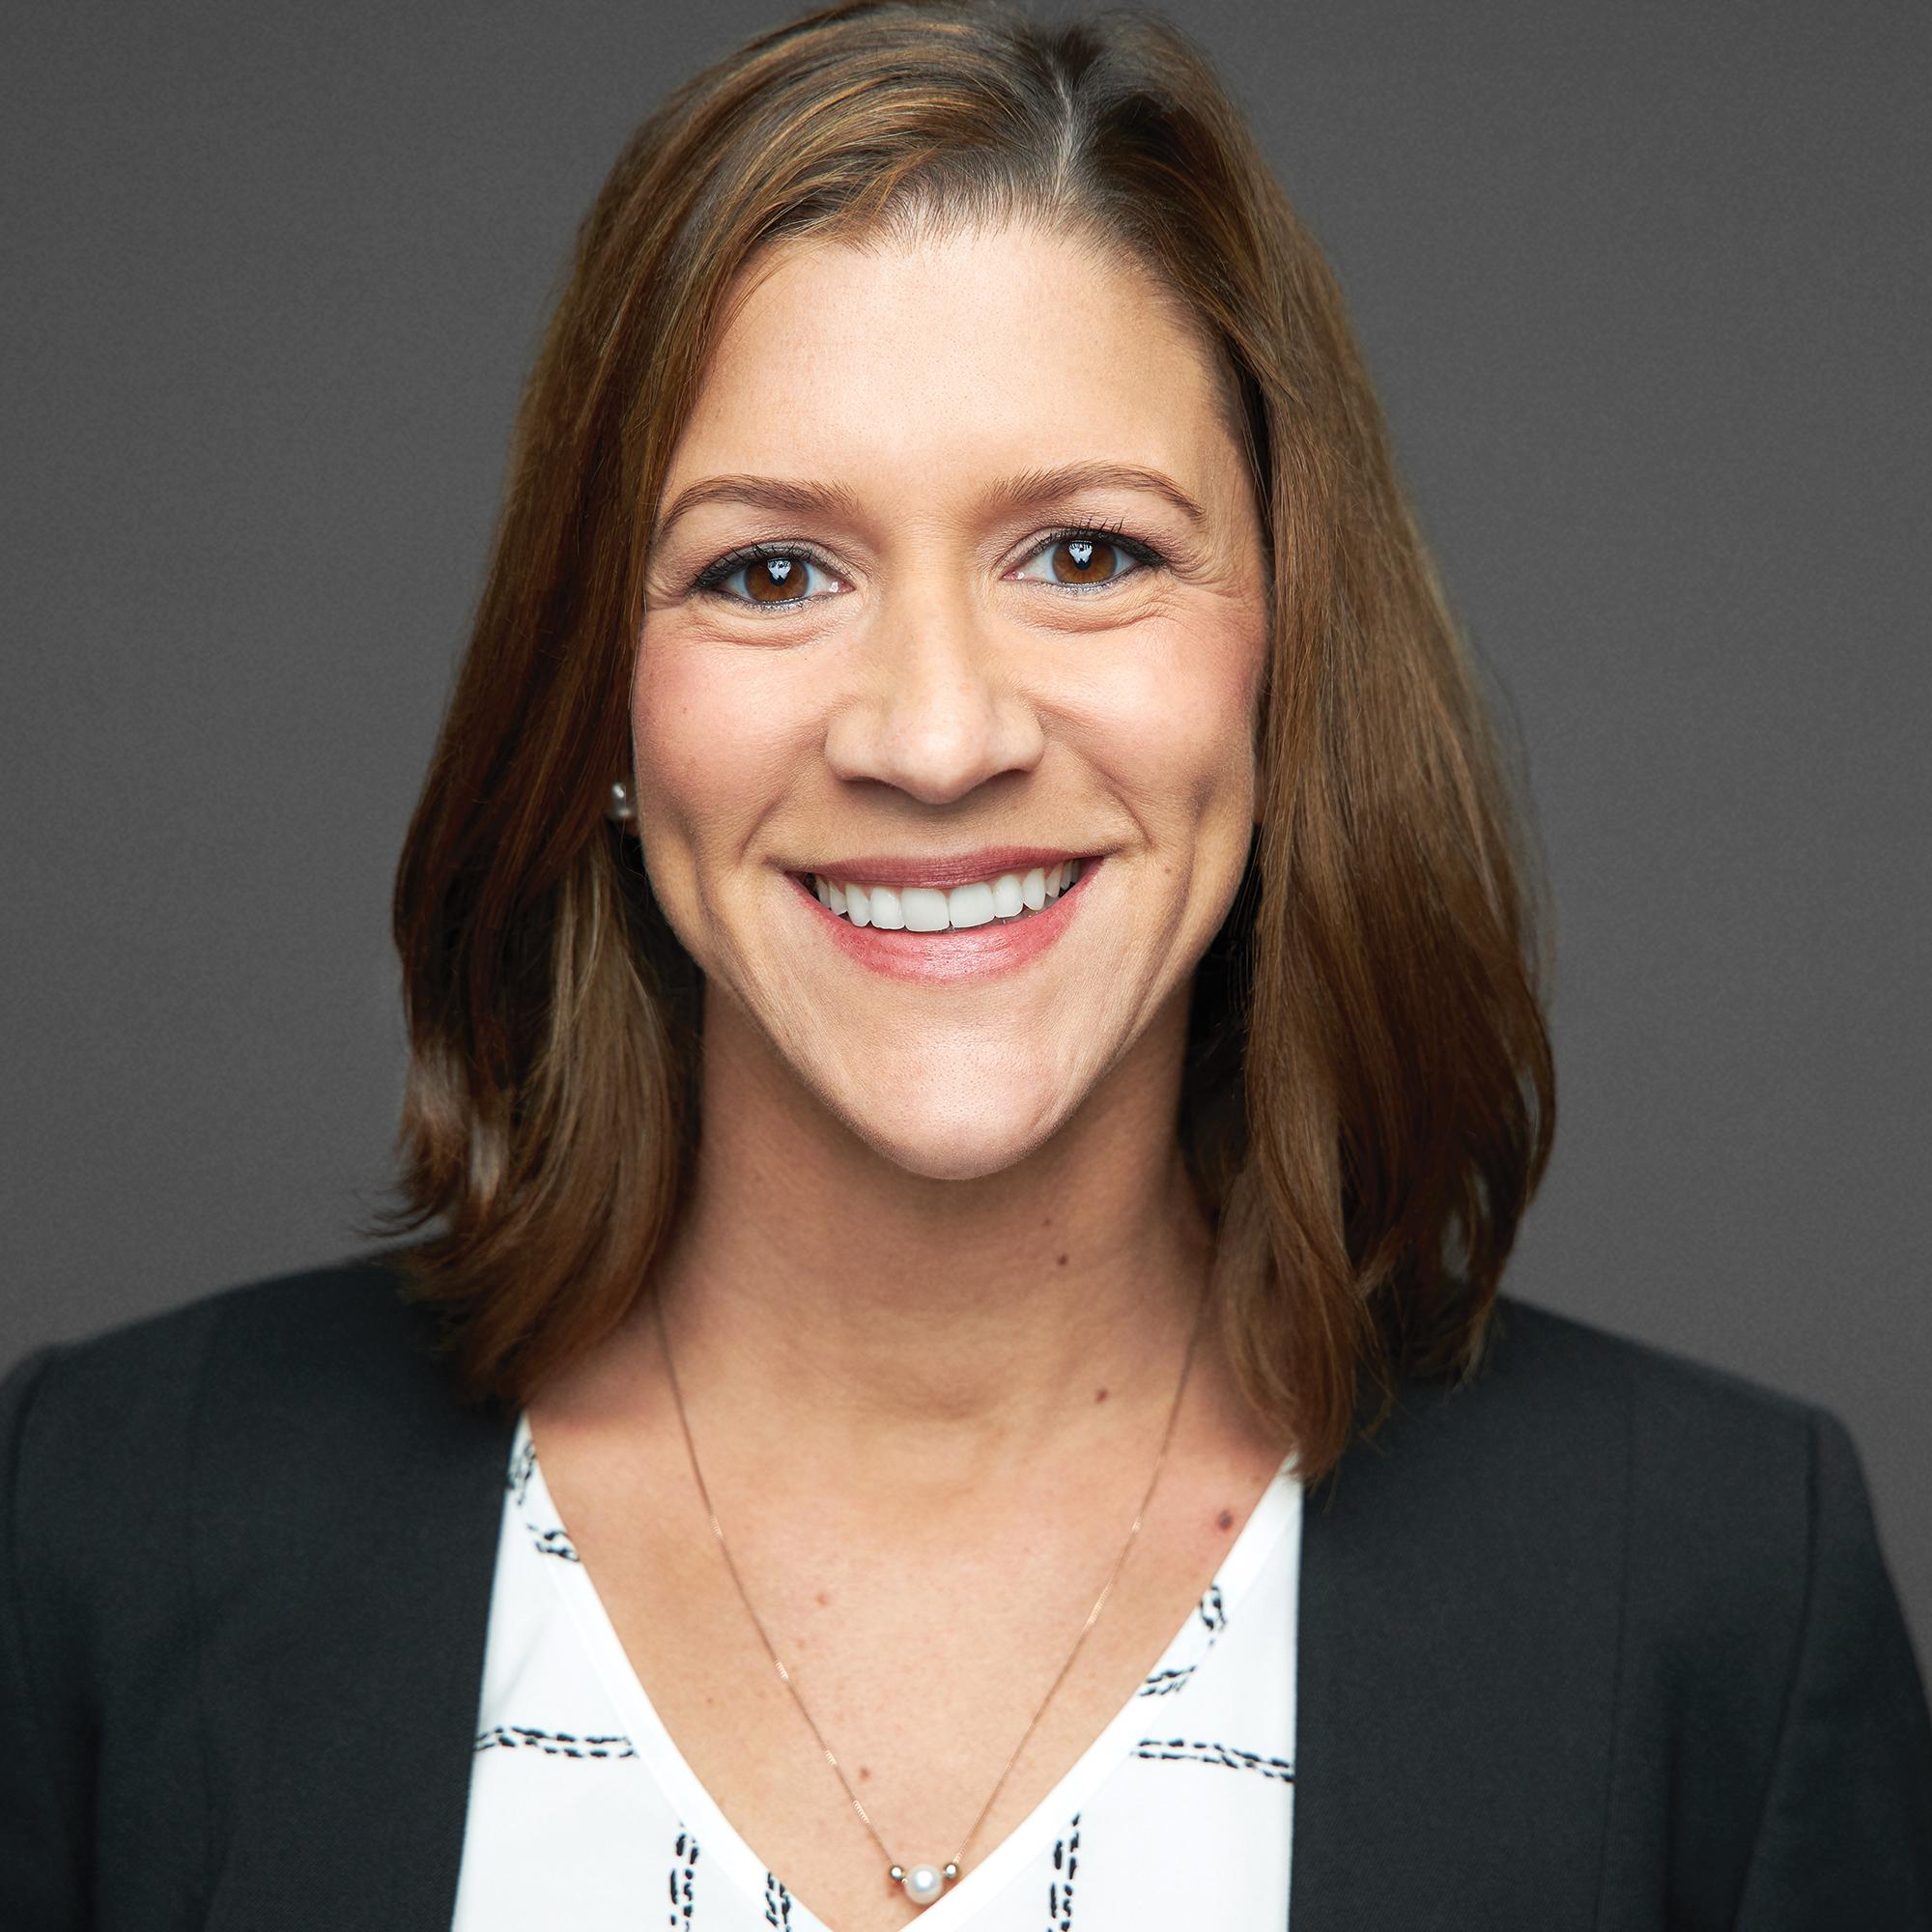 Samantha Hofer